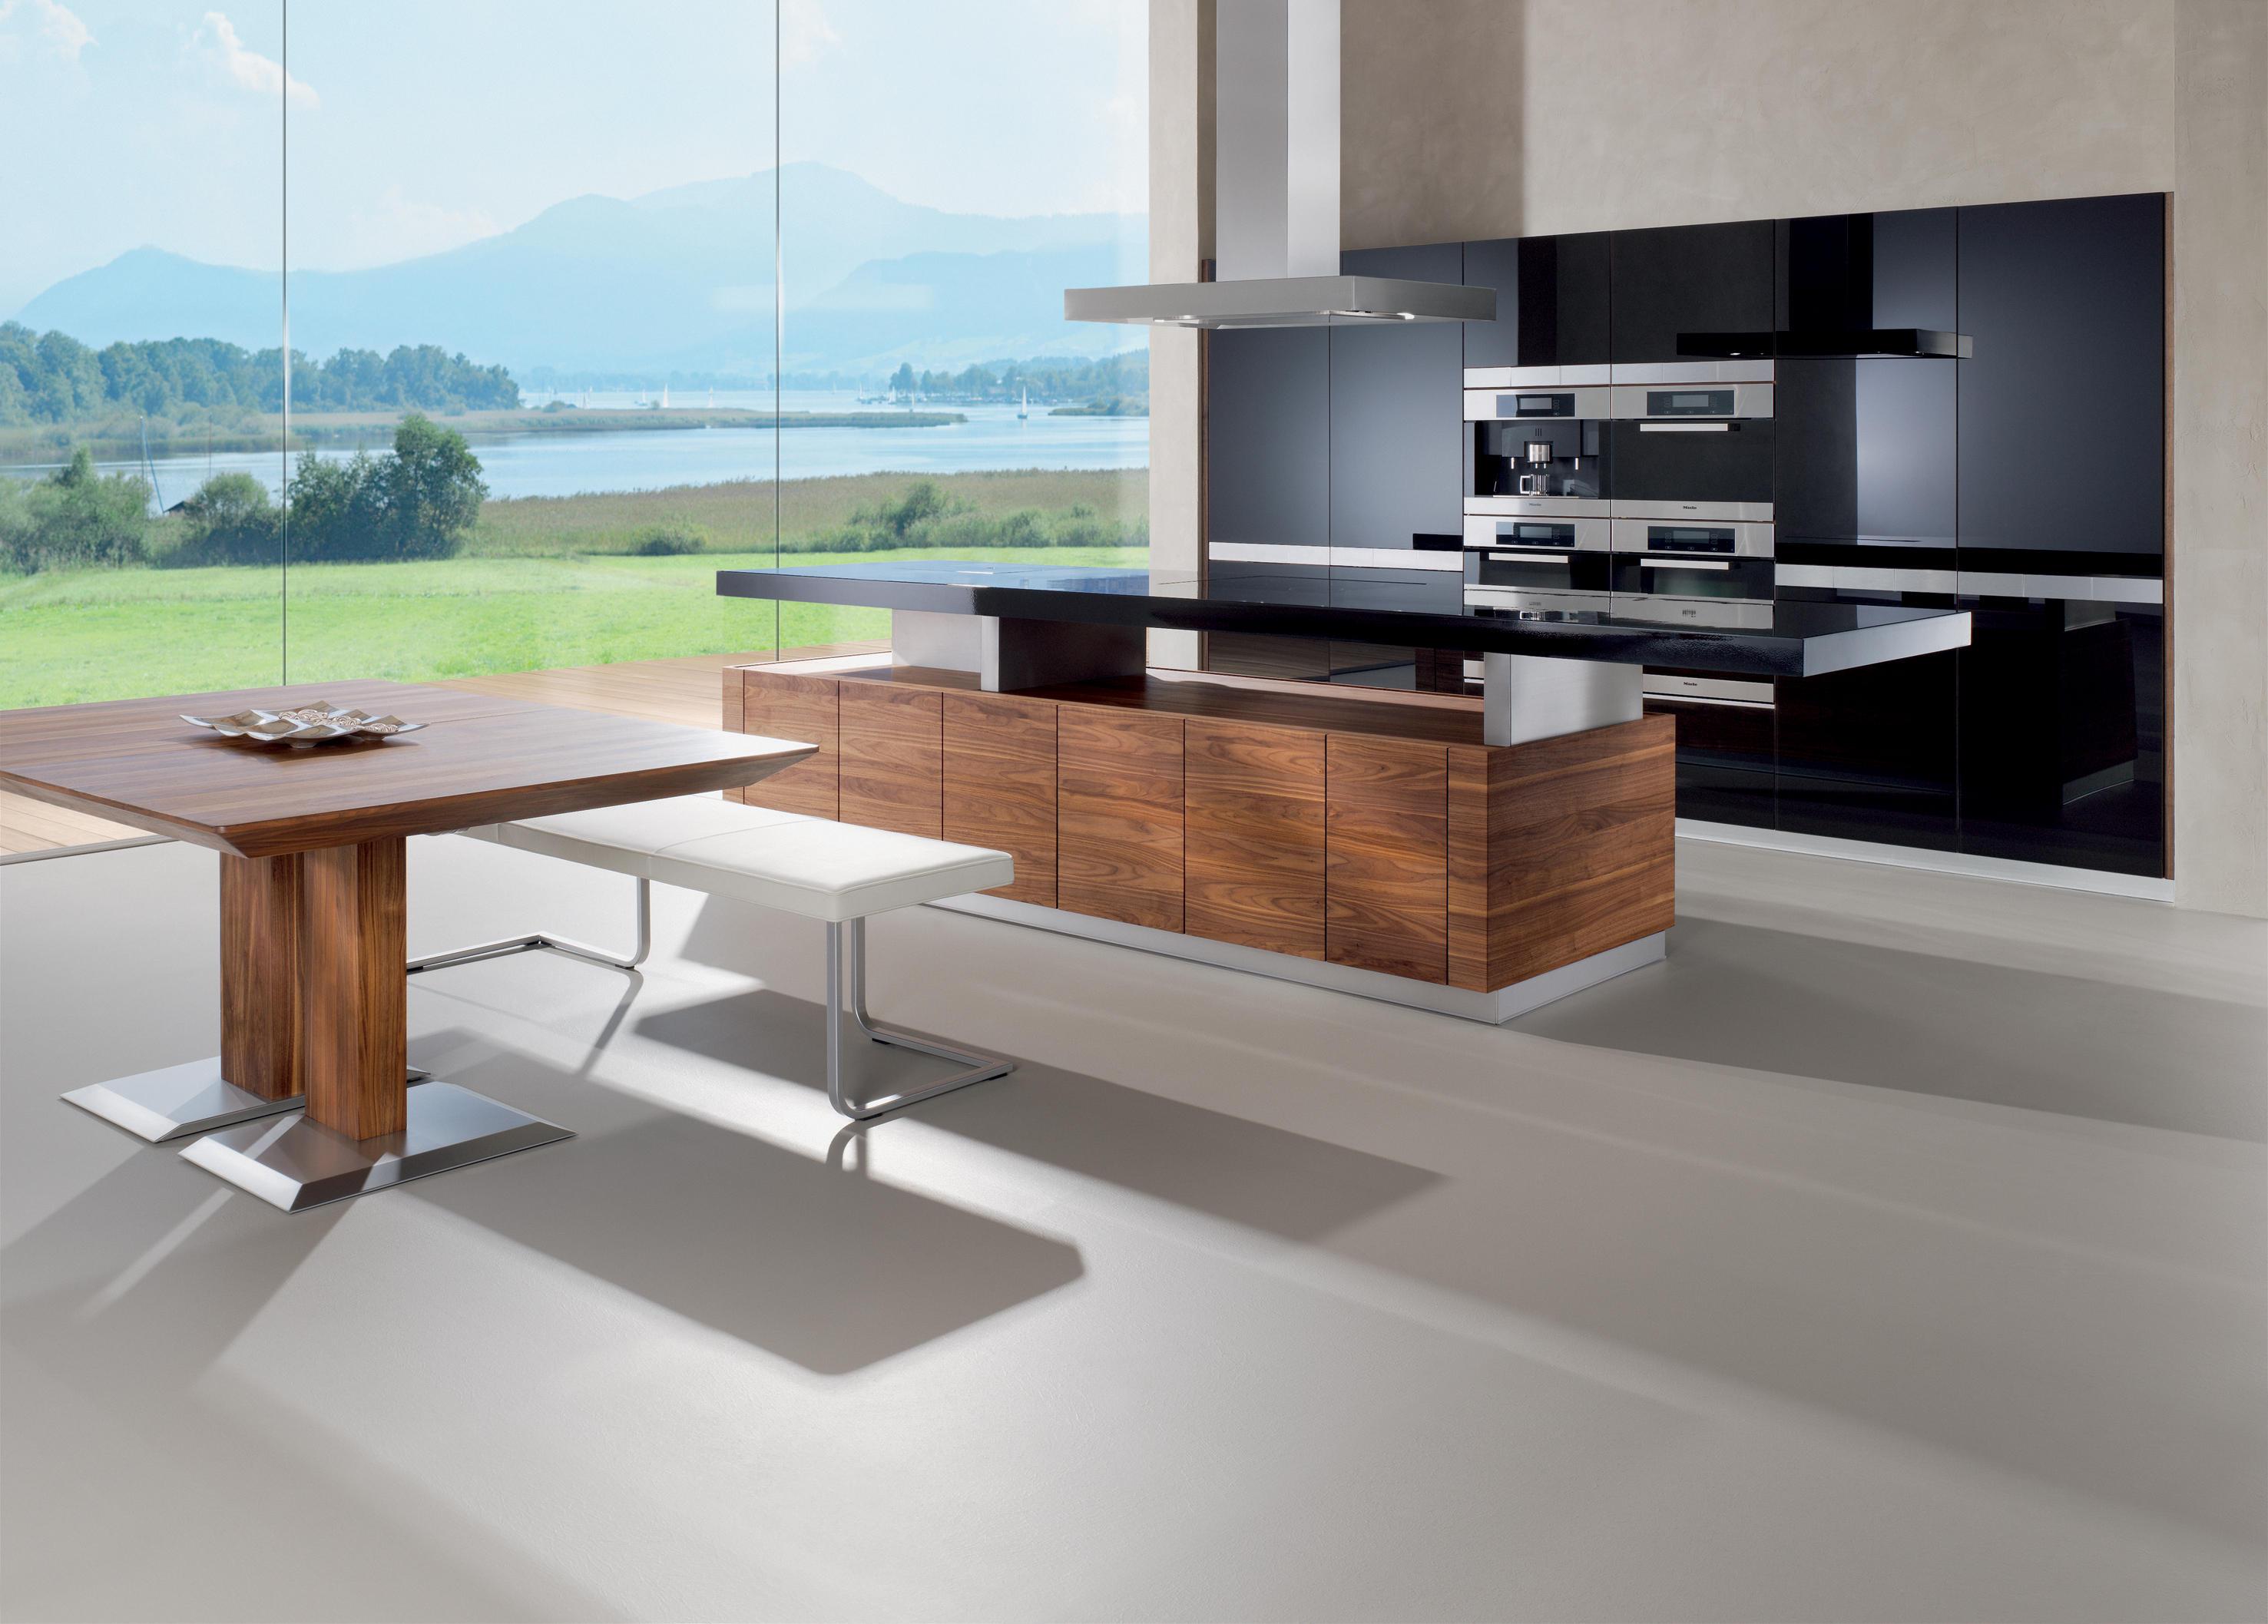 Was kostet eine kuche mit kochinsel cool designer kche for Was kostet eine nolte kuche